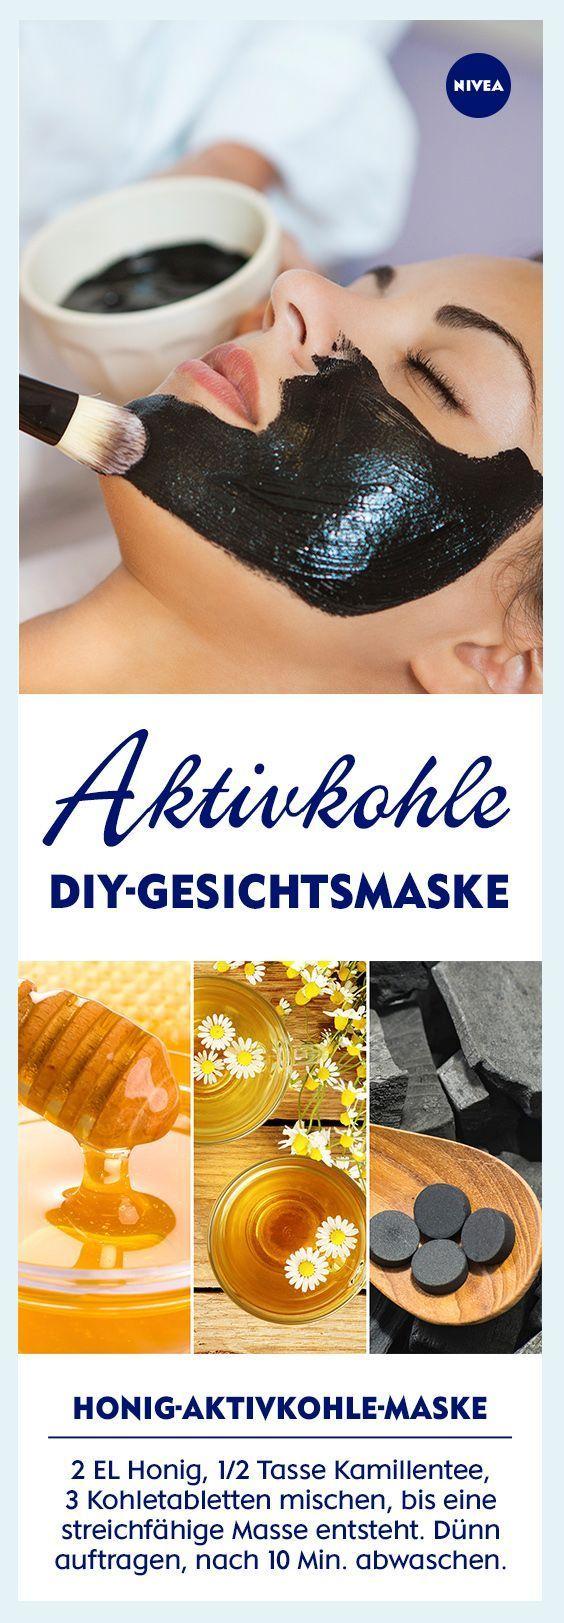 Aktivkohle für die Haut: Tipps zur Anwendung und DIY-Ideen – Natascha Zimmermann – Sexy Spirit Lifestyle